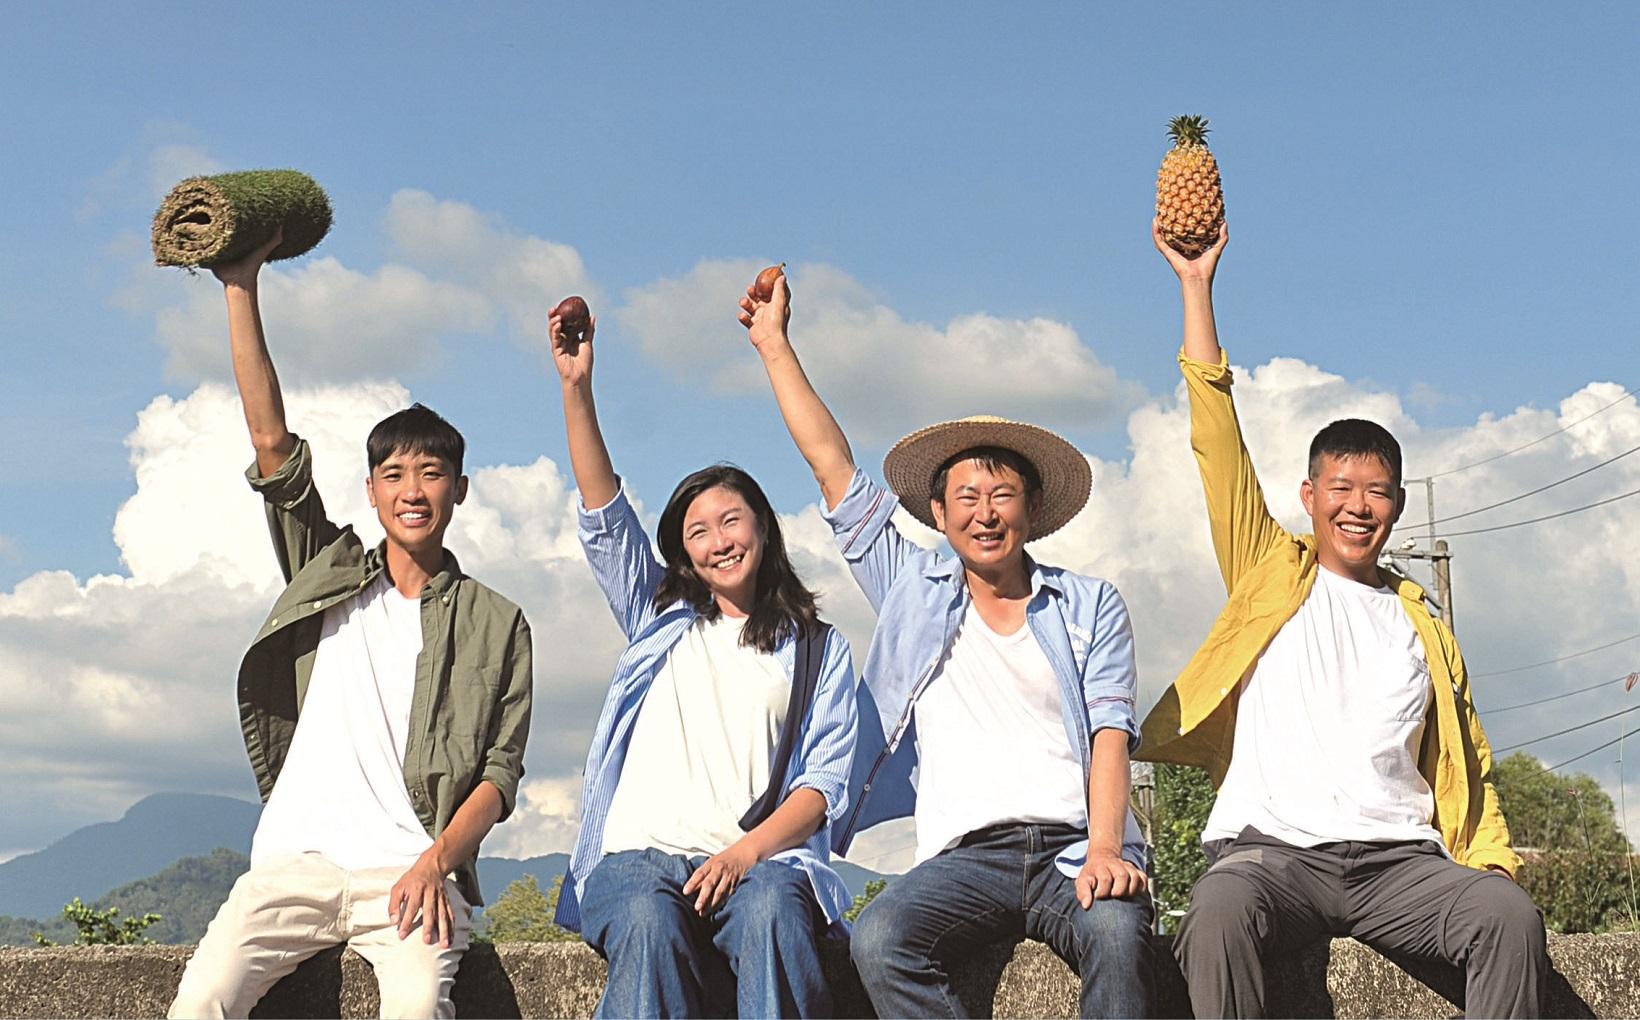 高雄型農培訓班 即日起開放報名